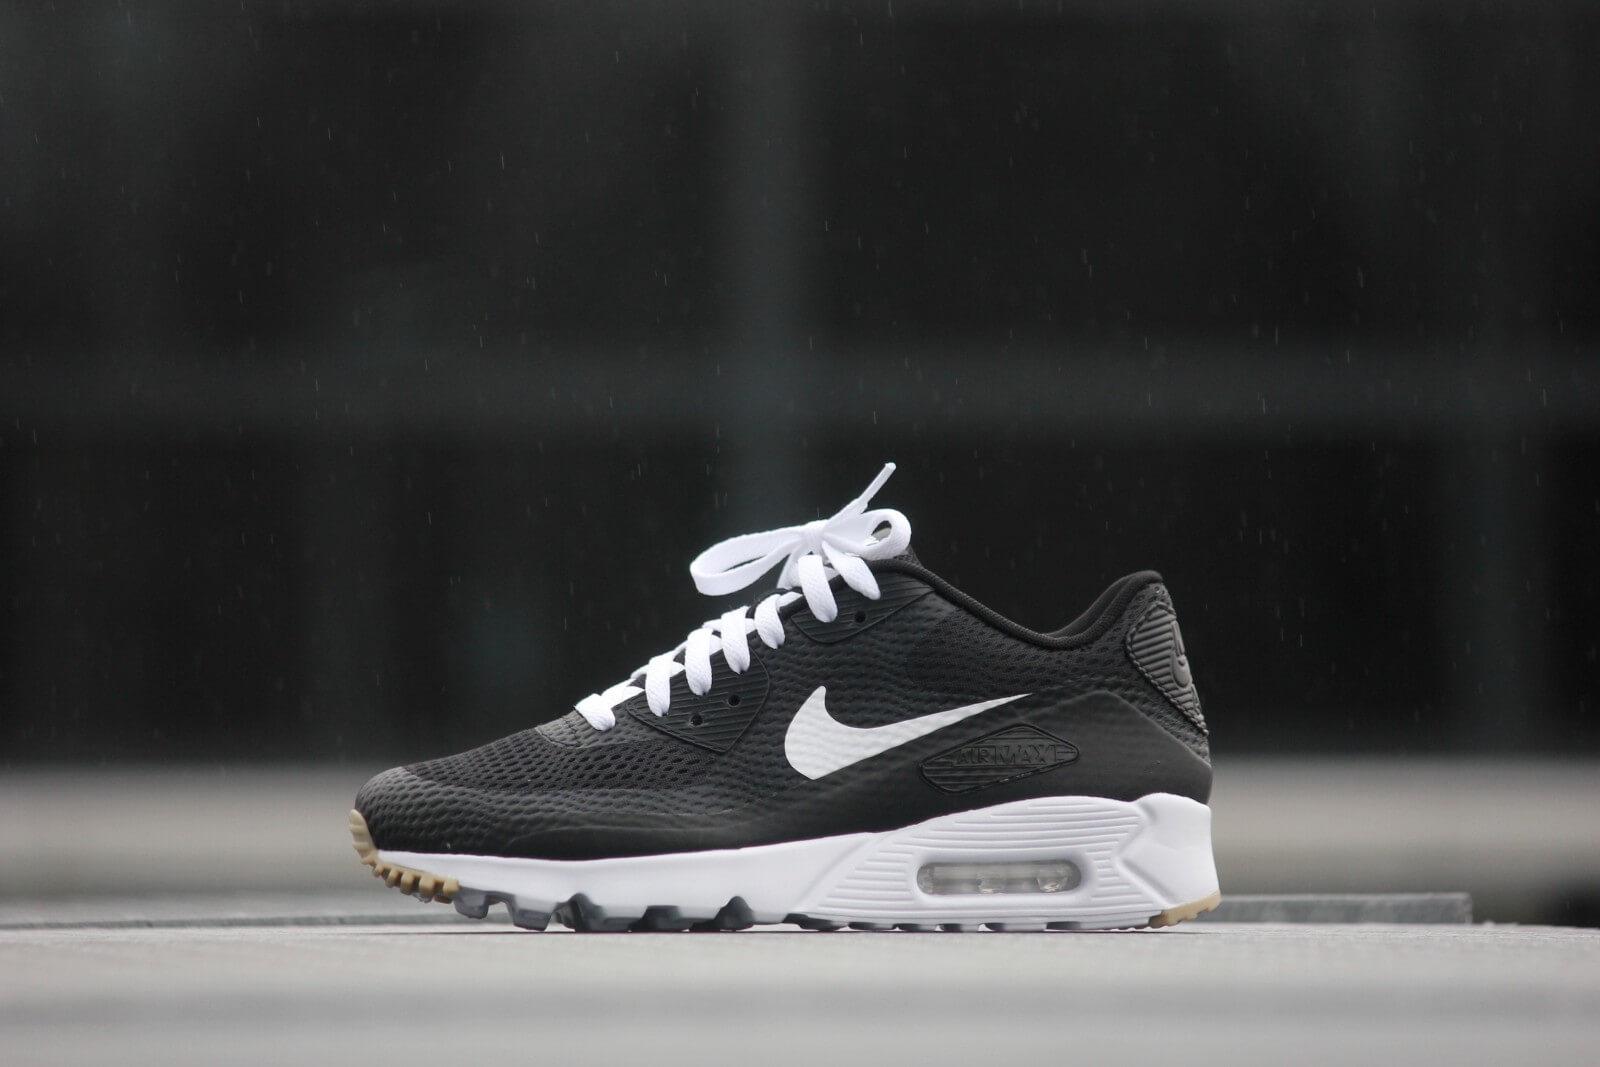 Nike Air Max 90 Ultra Essential Black White Gum